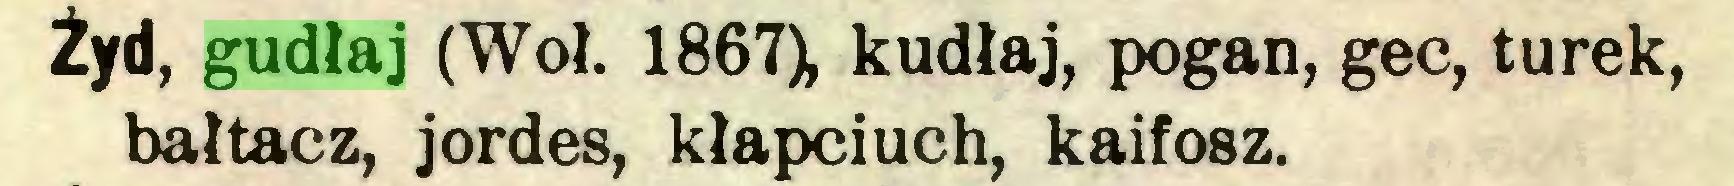 (...) Żyd, gudłaj (Woł. 1867), kudłaj, pogan, gec, tu rek, bałtacz, jordes, kłapciuch, kaifosz...